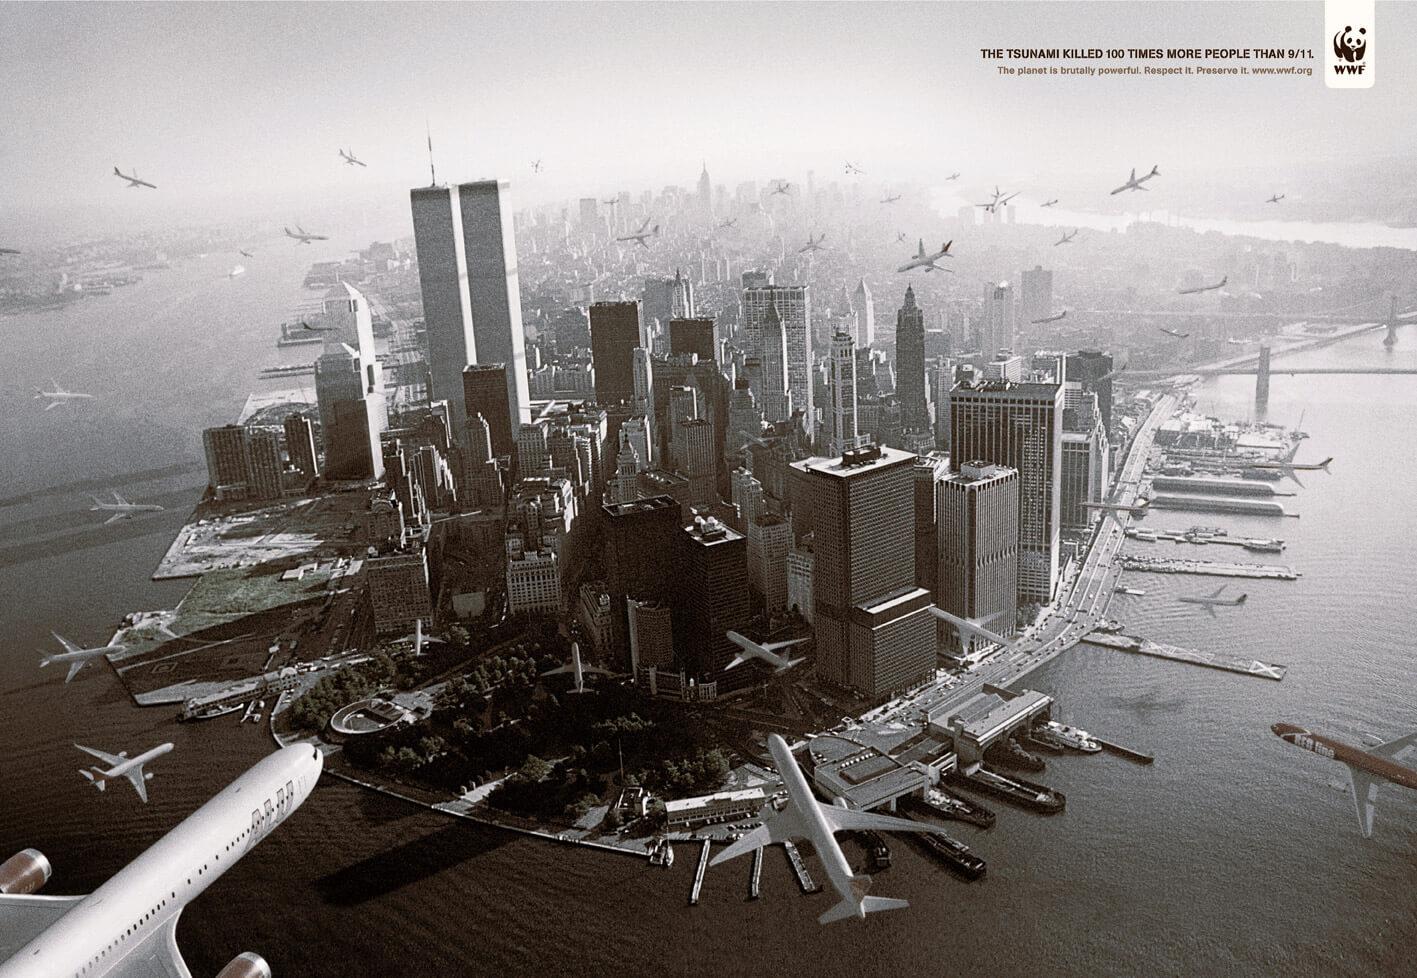 #CuandoLaPublicidad es ¡Un tsunami de avionazos!